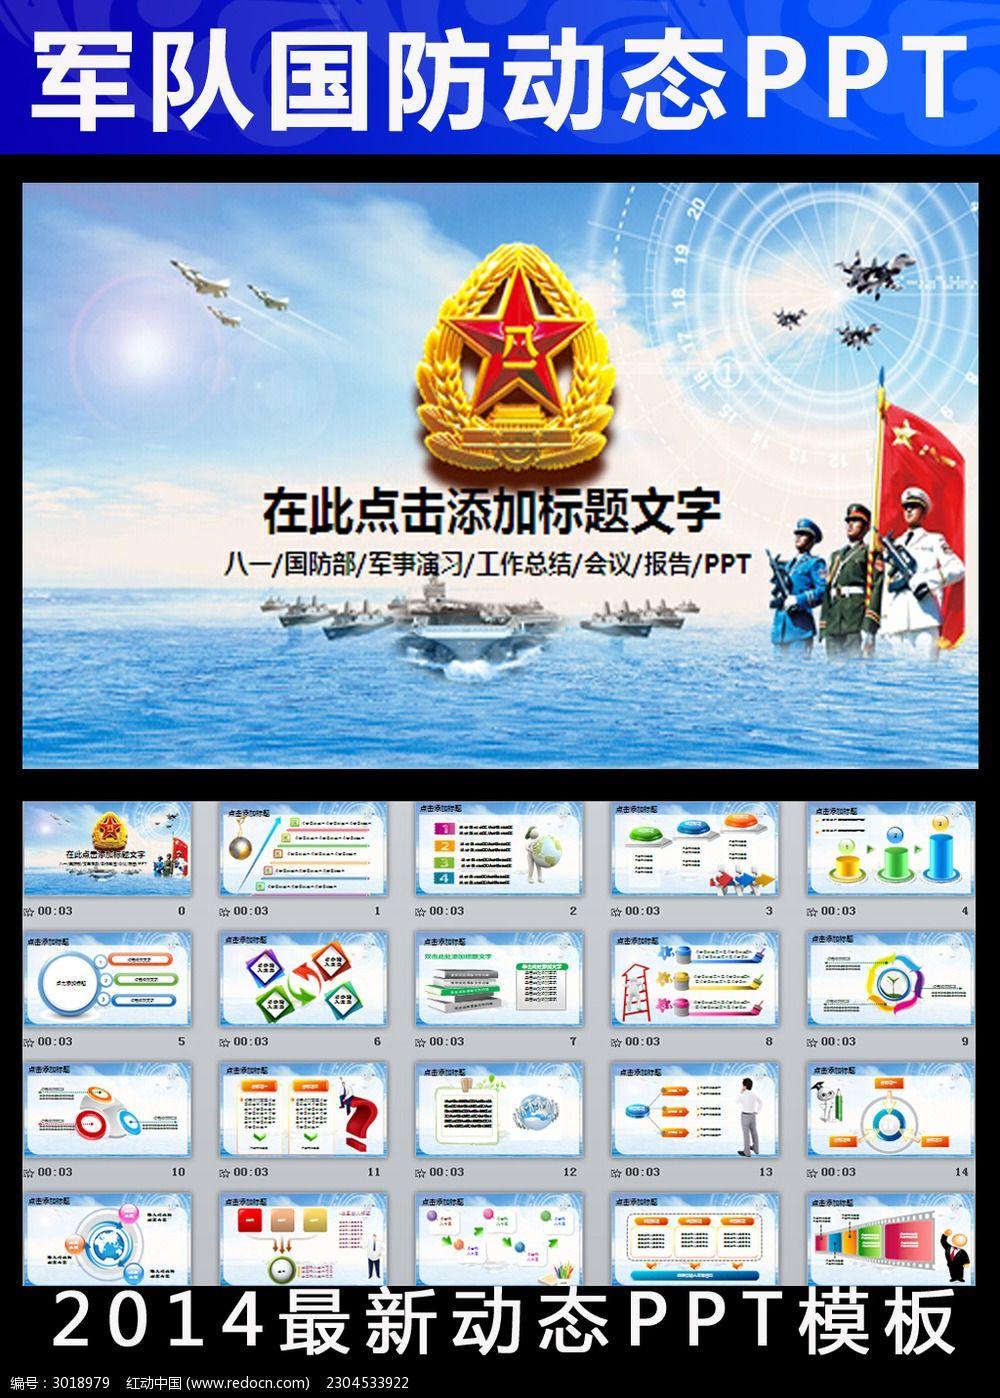 队军事演习国防安全PPT幻灯片模板下载 八一军队部队军事演习国防